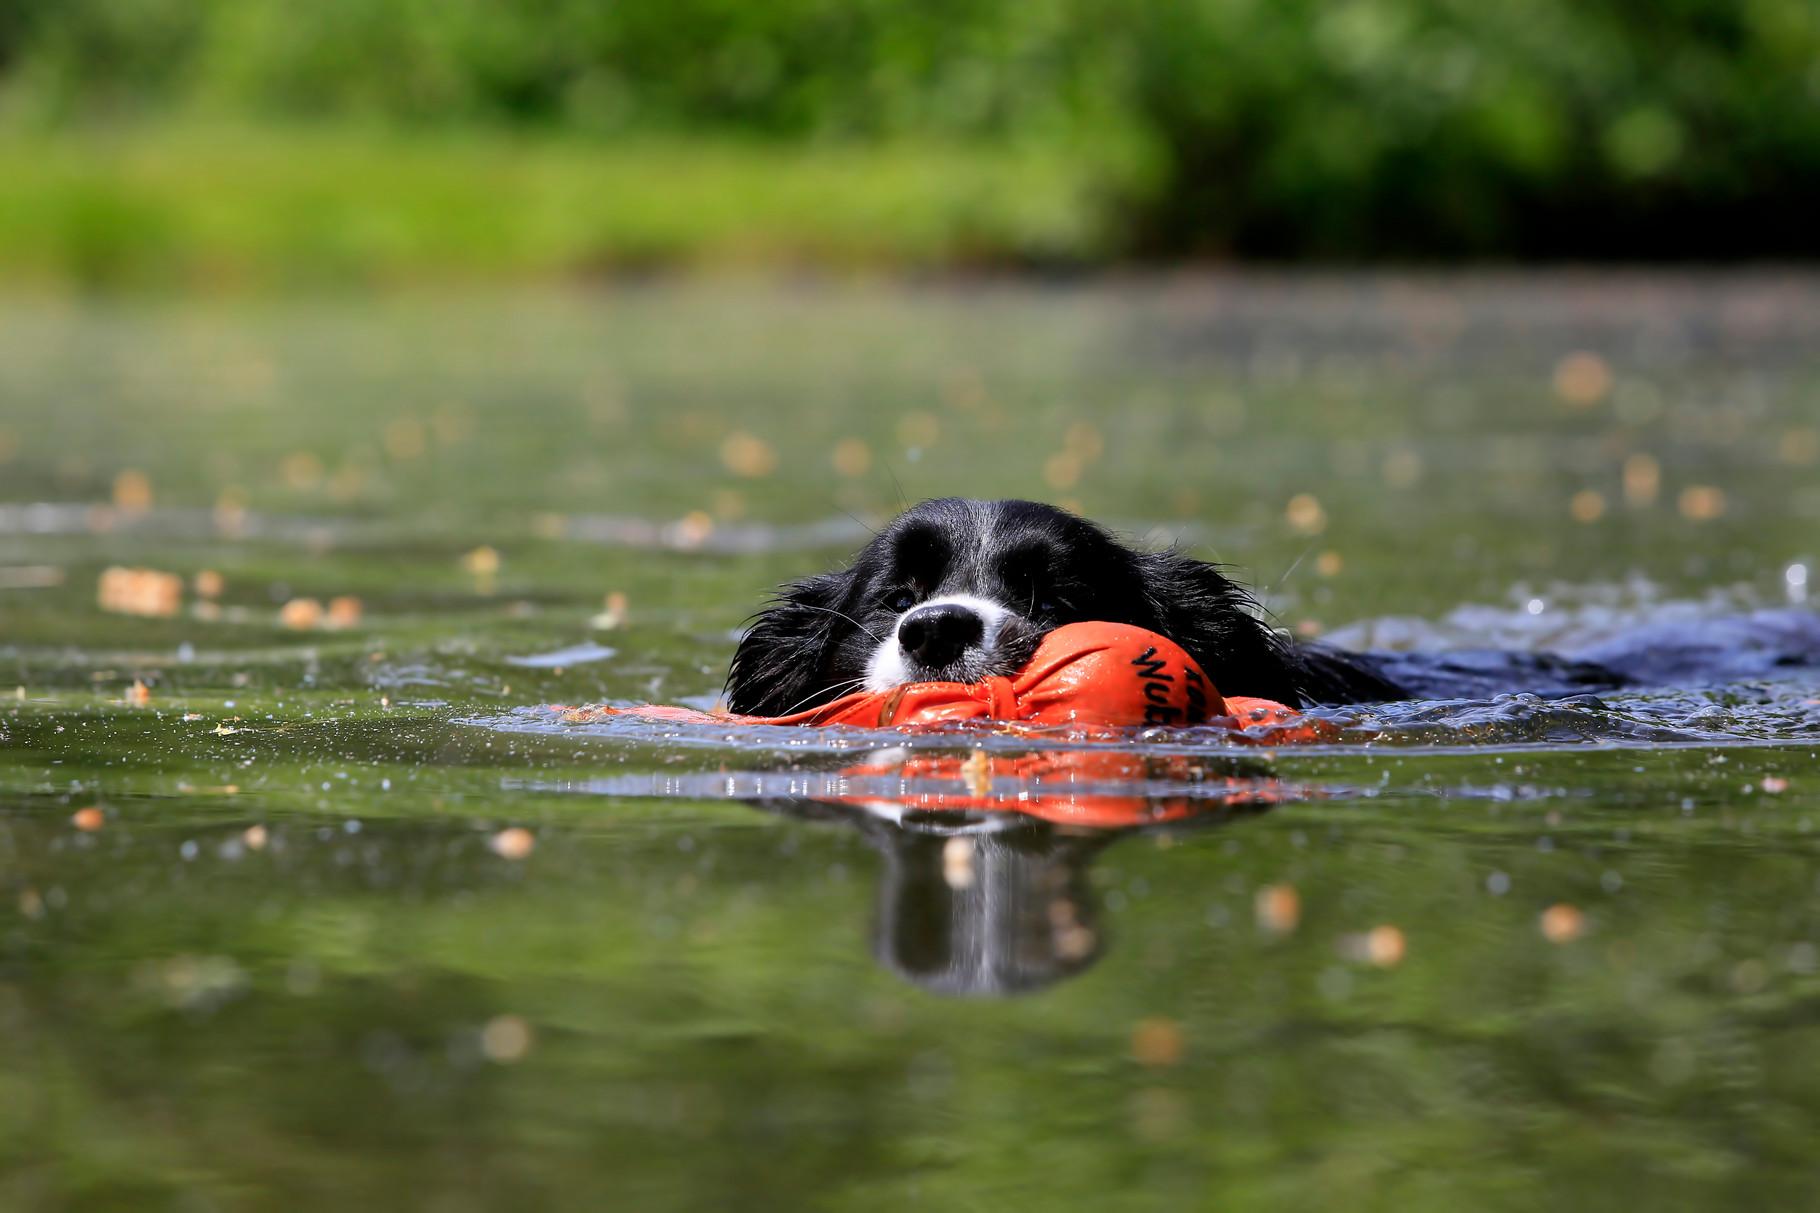 Lucy beim Schwimmen. Foto von K. Pfundi